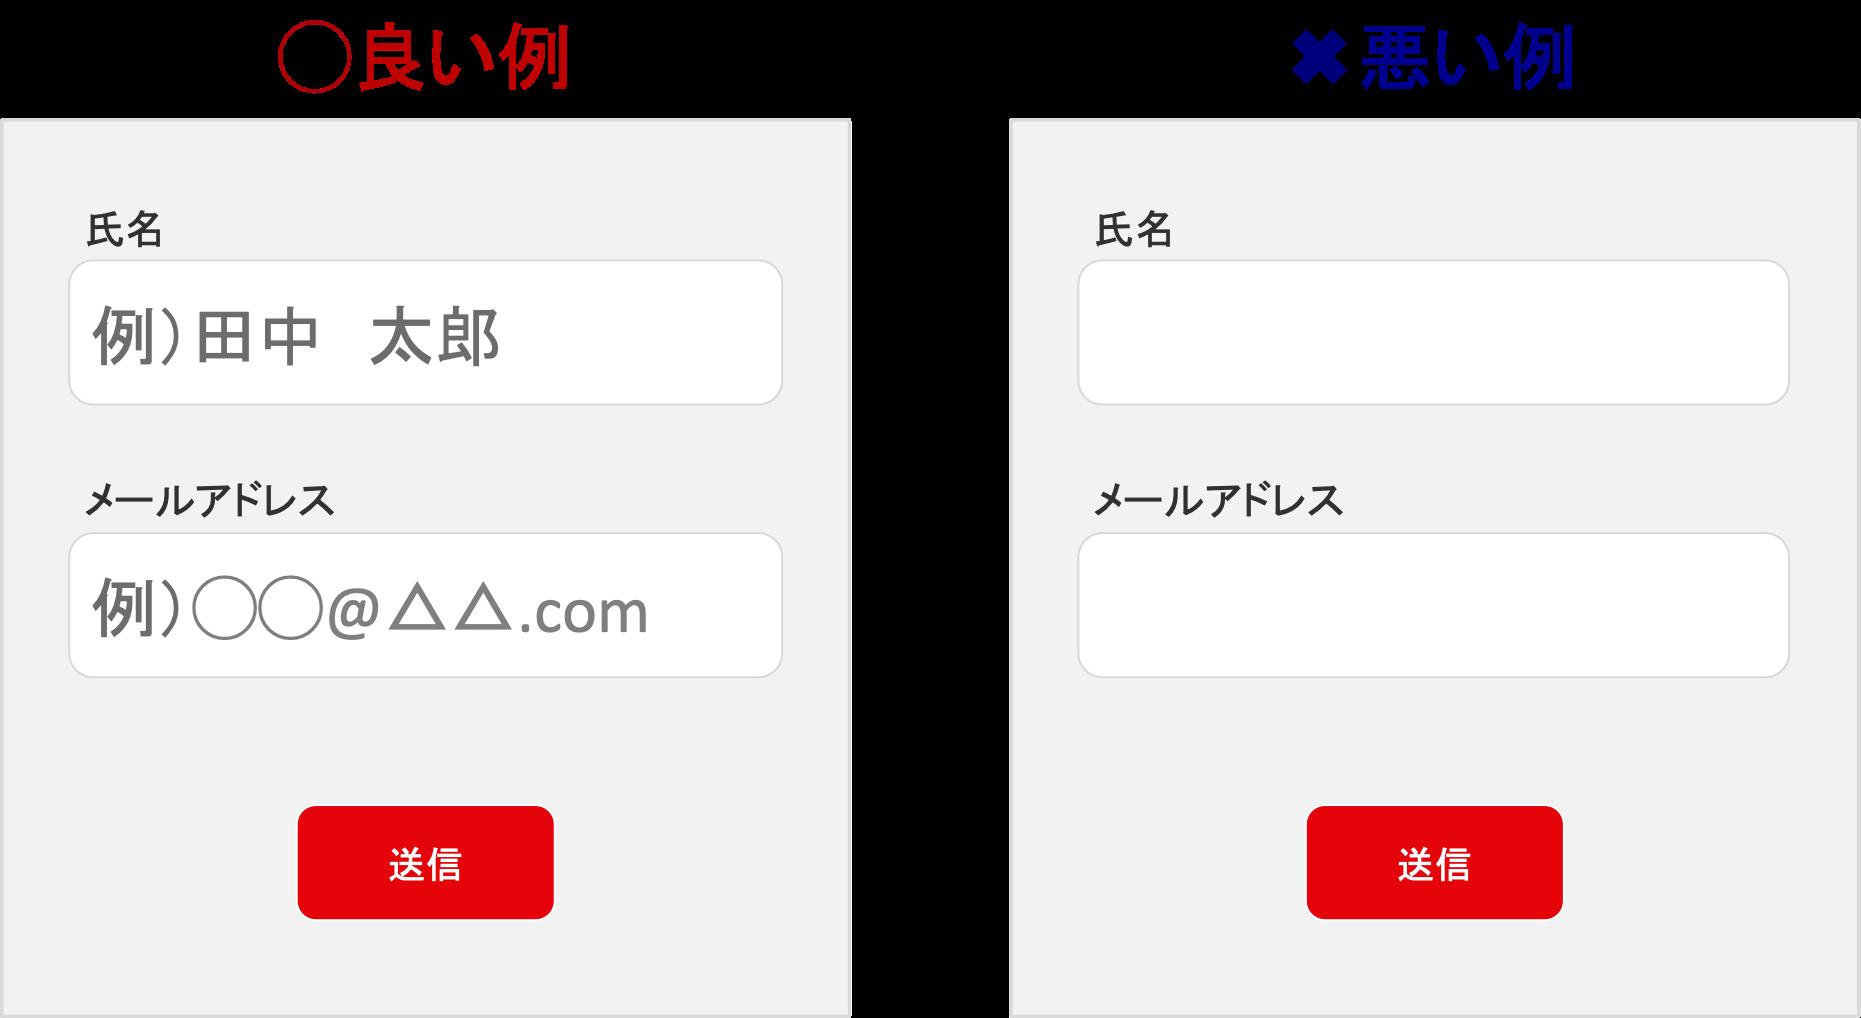 入力フォーム内の入力ボックスの中に記入例を記載するデザイン例